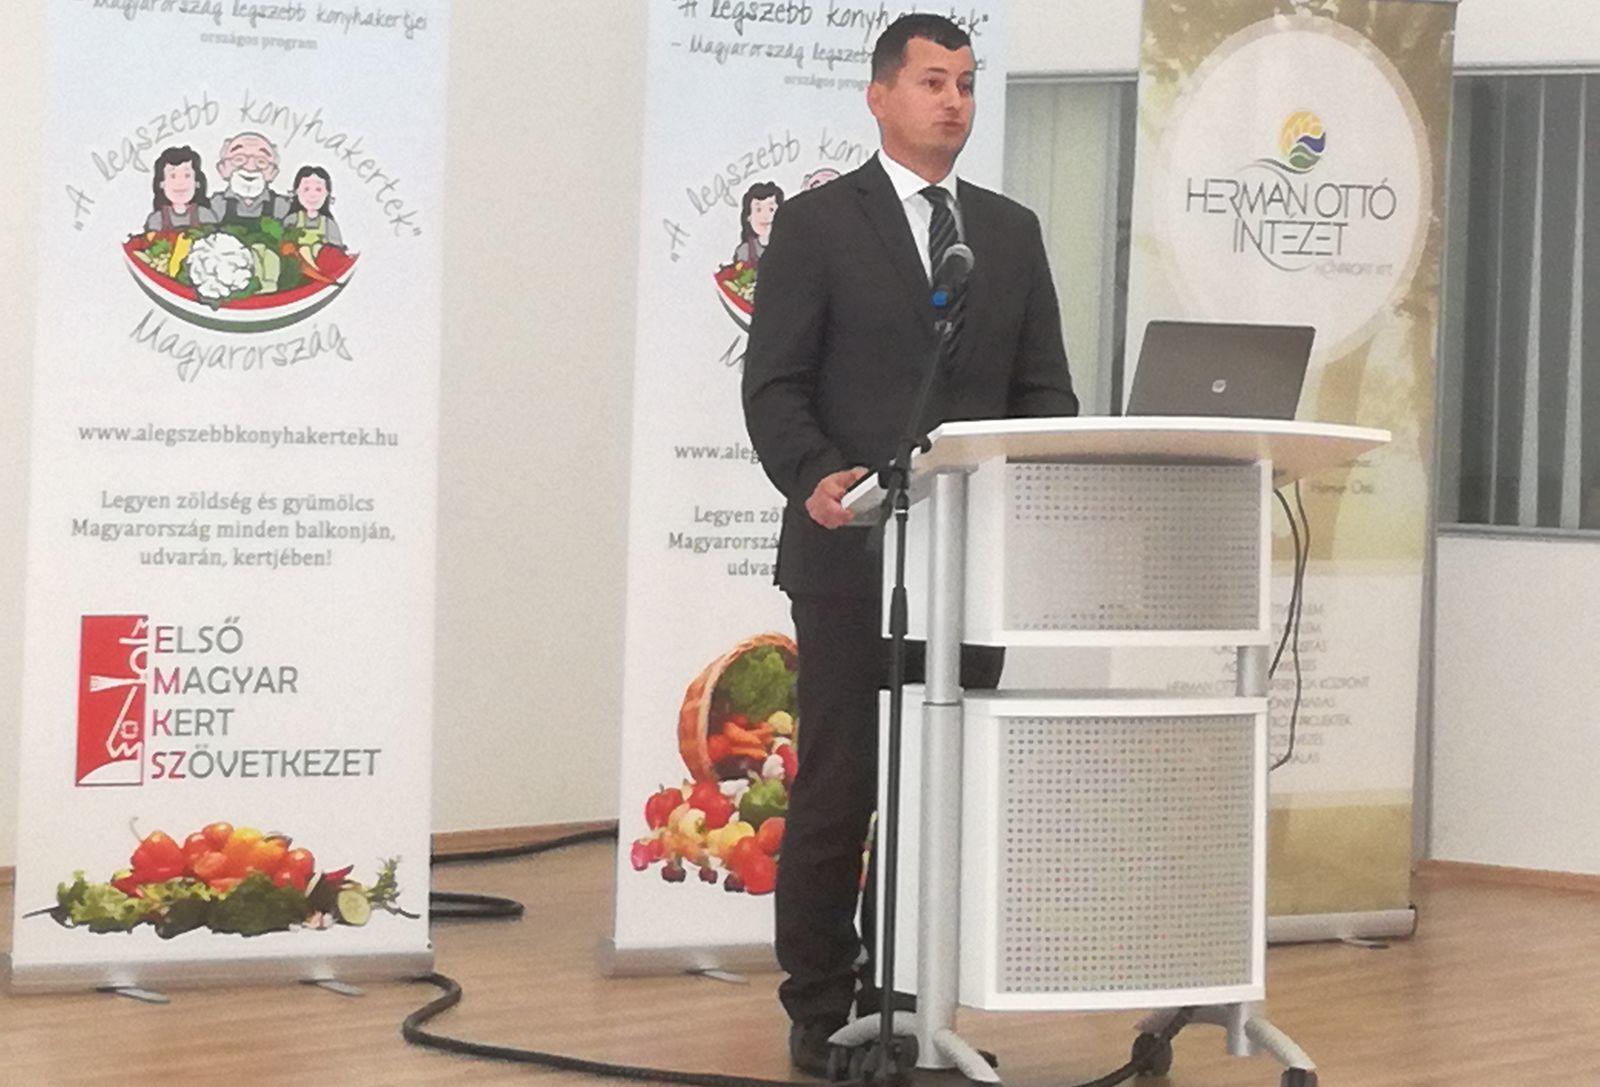 Kis Miklós Zsolt: A Legszebb konyhakertek – Magyarország legszebb konyhakertjei program egy olyan sokcélú, komplex kezdeményezés, amely generációkat képes megszólítani és összekötni, szemléletet formál